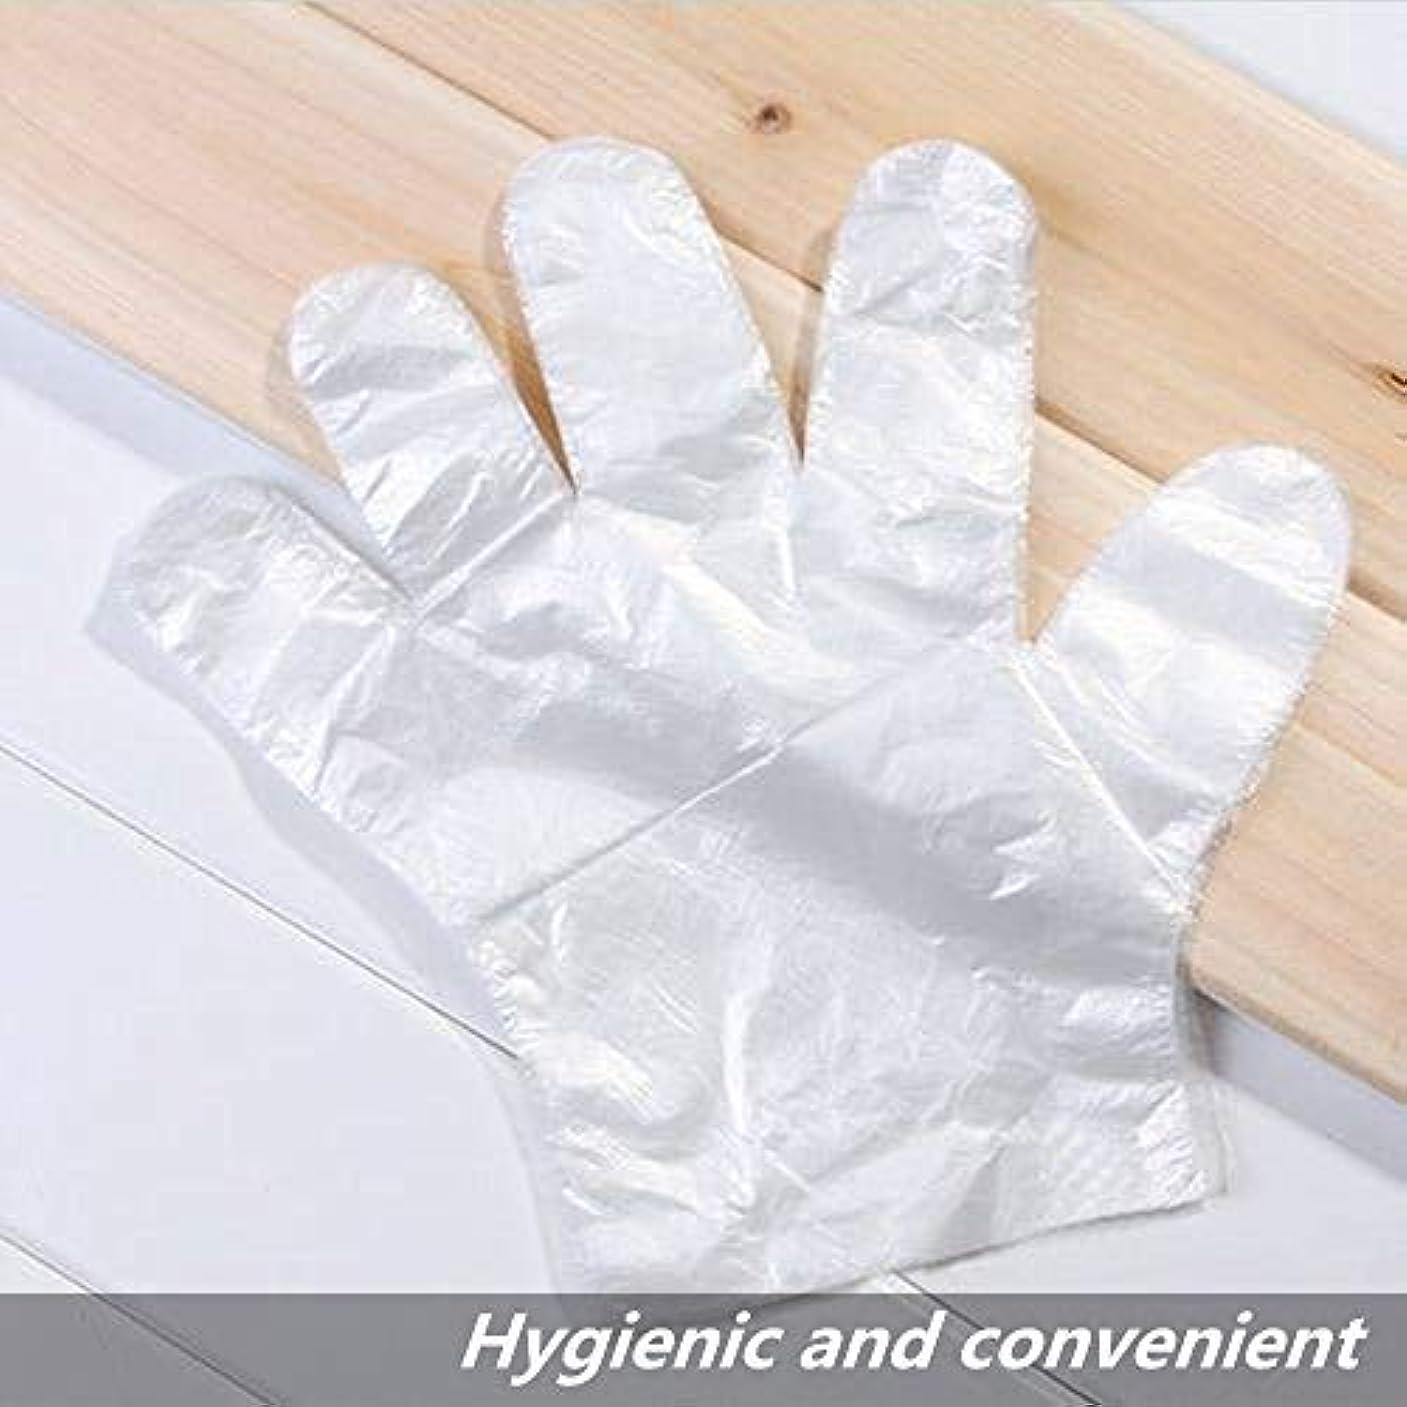 支給近似強化する使い捨て手袋 プラスチック製使い捨て手袋 超薄型多機能透明なプラスチック手袋調理、掃除、染色などに適しています 50または100個 (50)